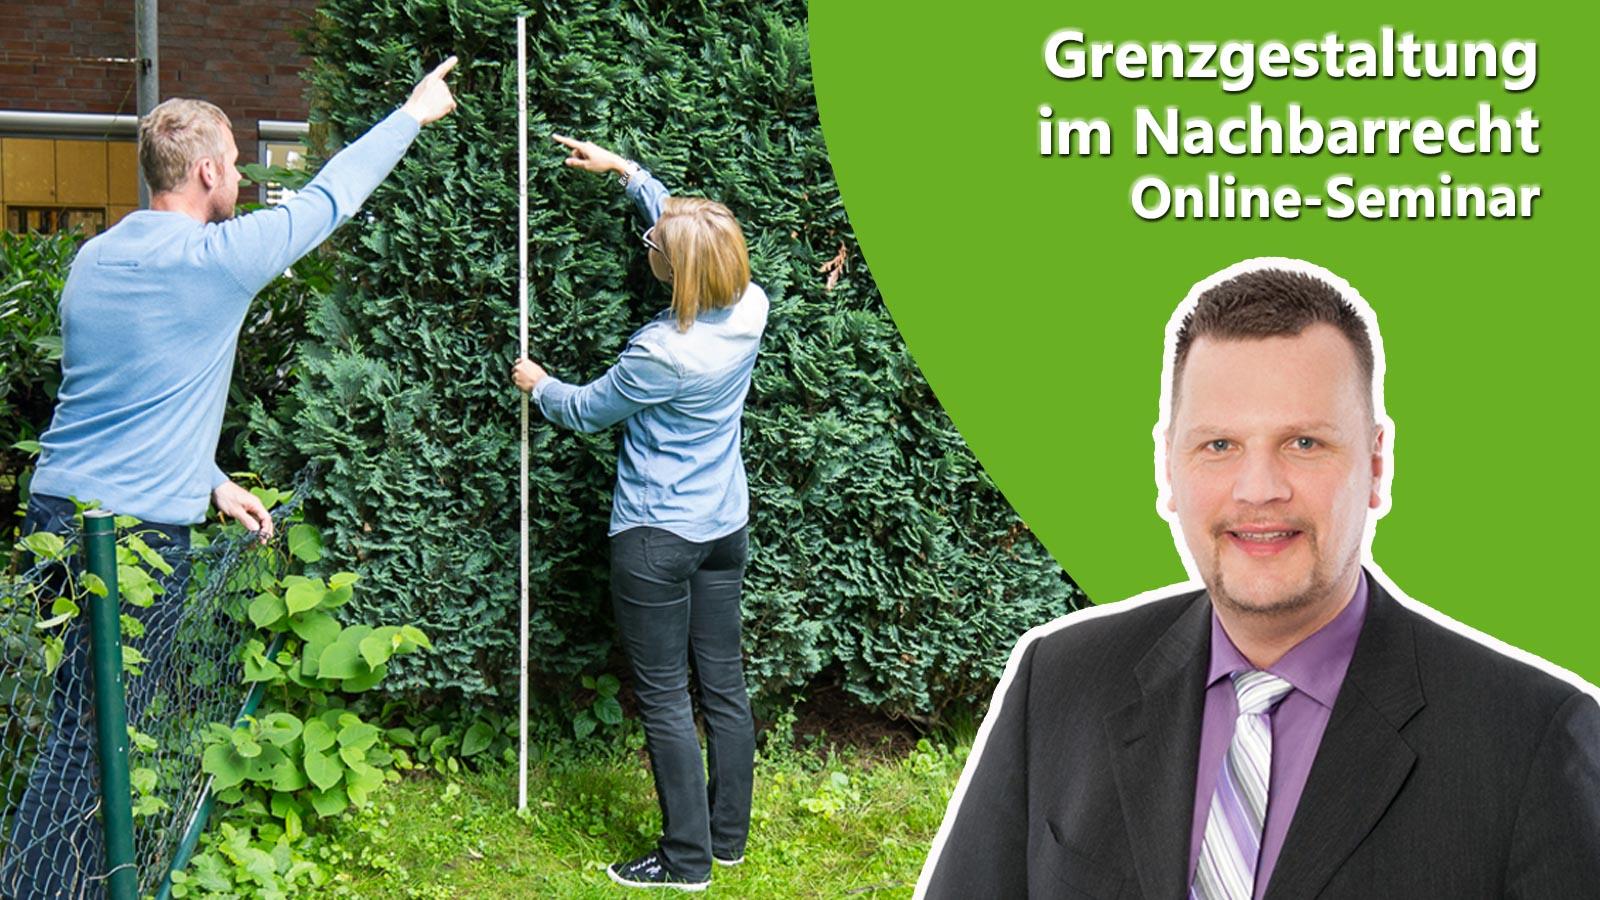 Ankündigung Online-Seminar Grenzgestaltung mit Referent Stephan Dingler und Beispielfoto einen Nachbarstreits wegen Grenzbepflanzung